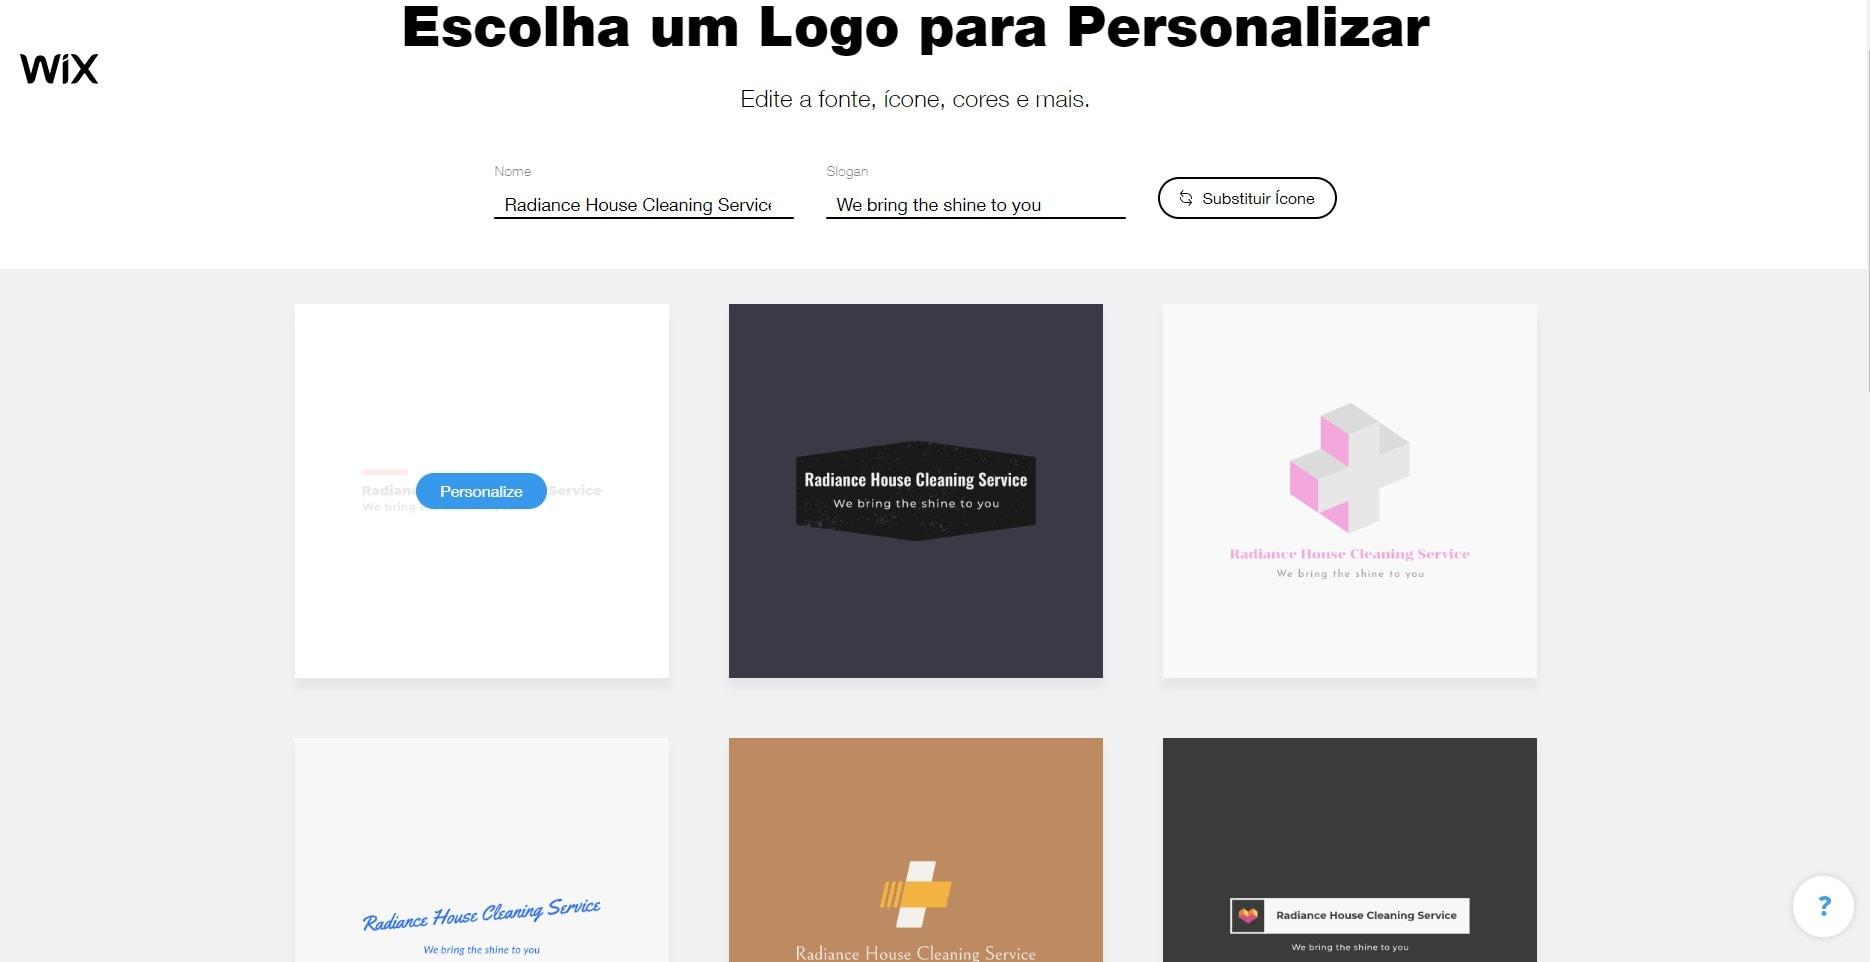 9 melhores logotipos de casa e como criar seu próprio gratuitamente [2020]